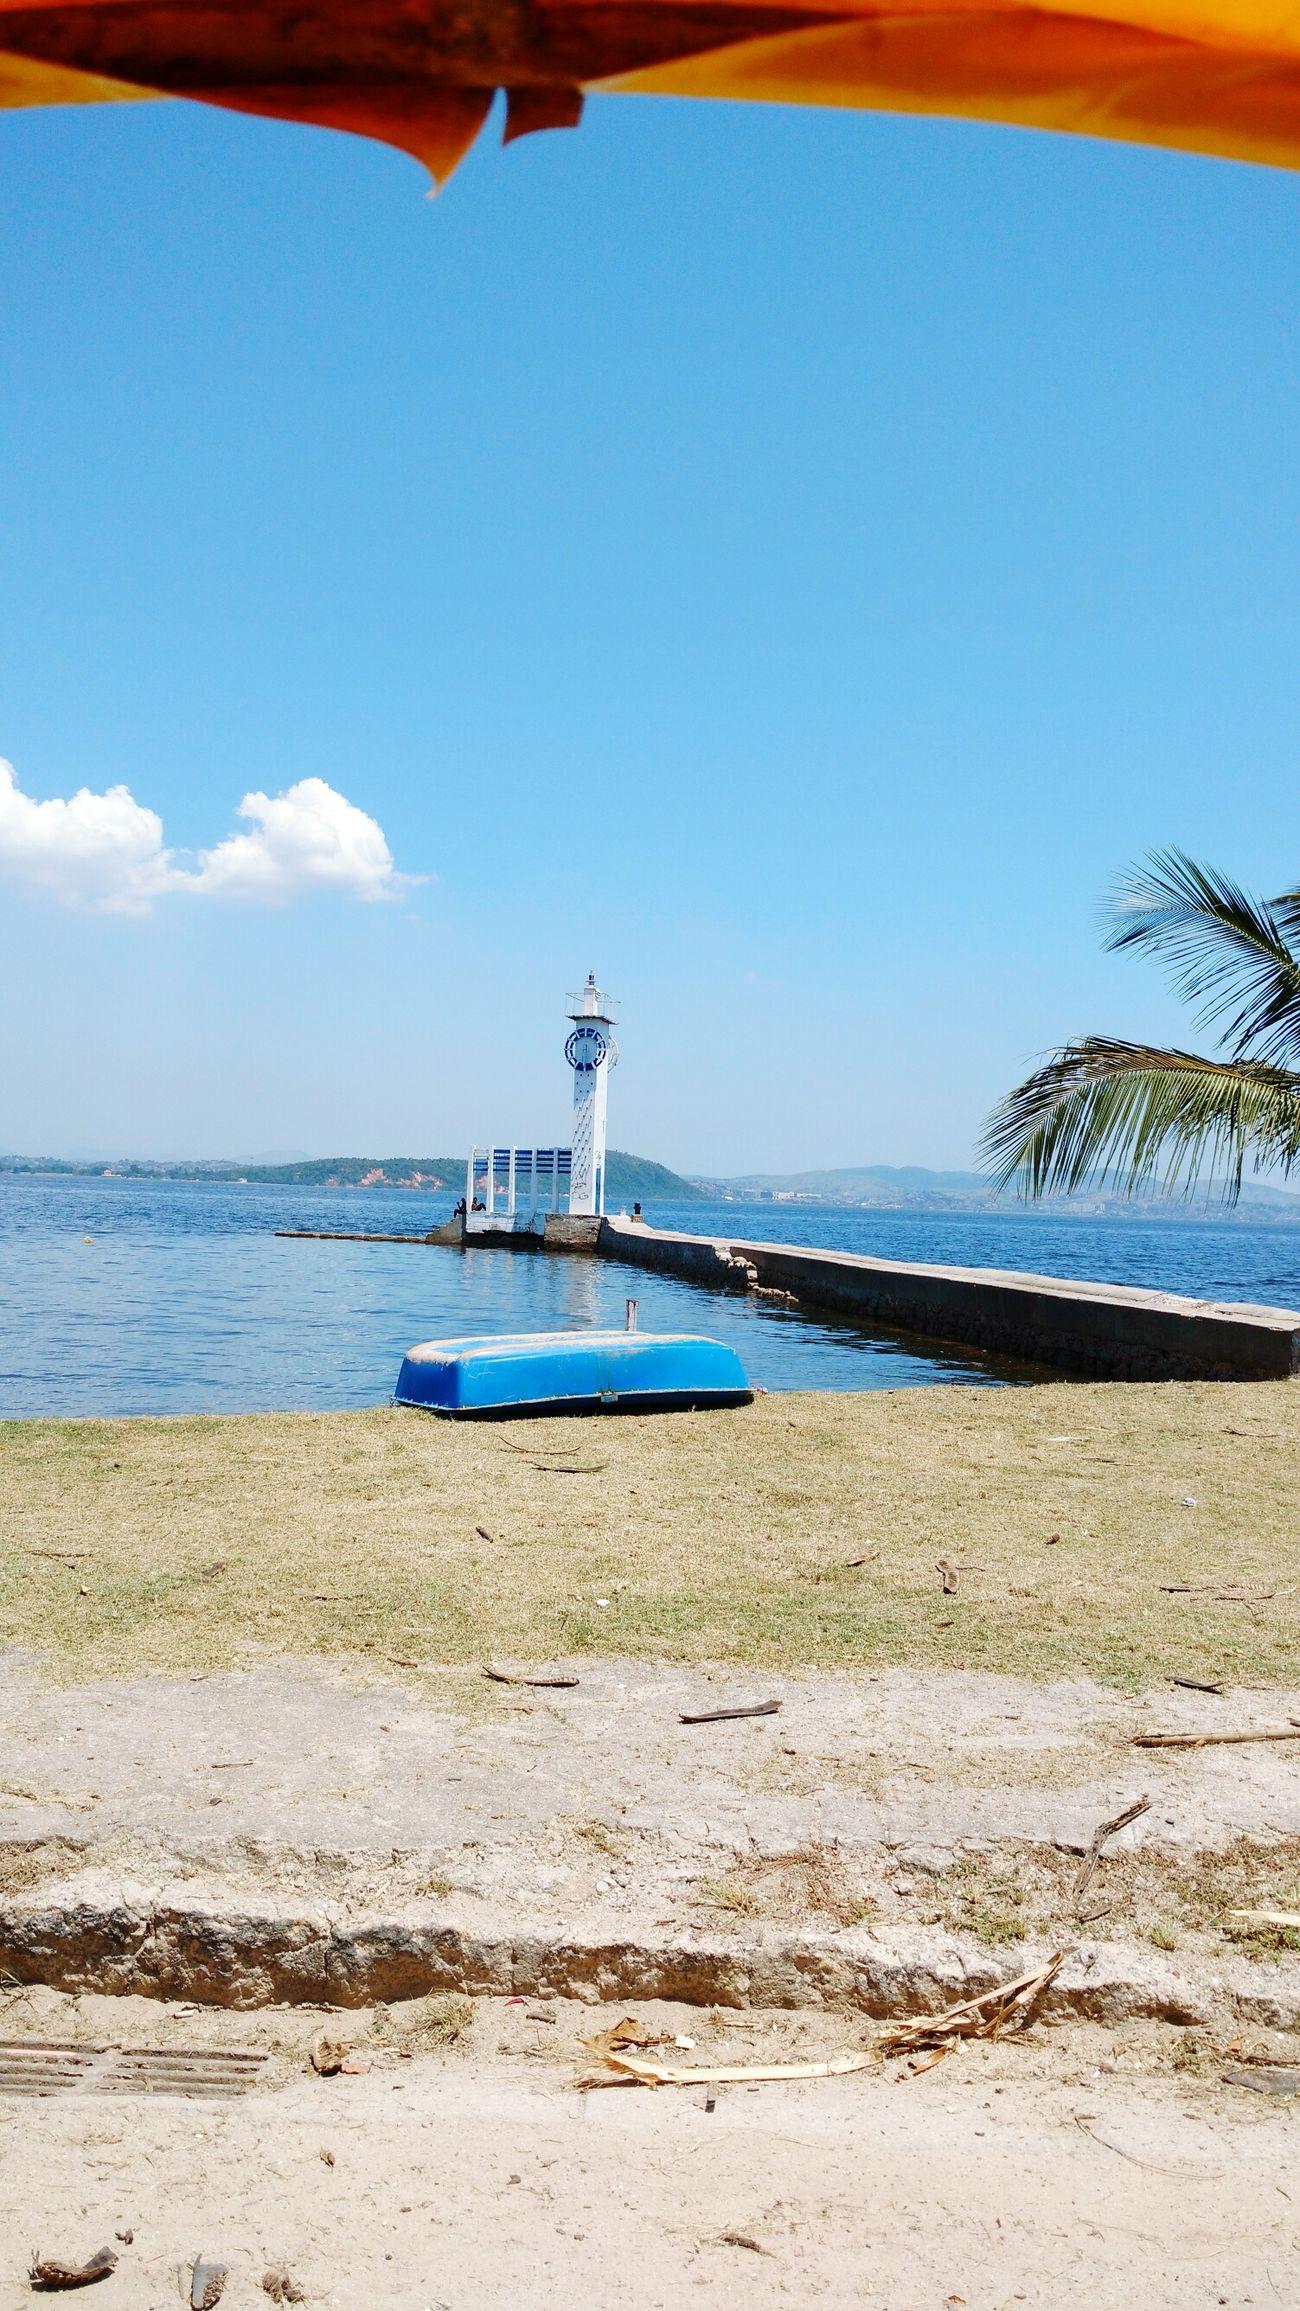 Paqueta Baía De Guanabara Beautiful Love Relaxing Farol Riodejaneiro RJ Happy